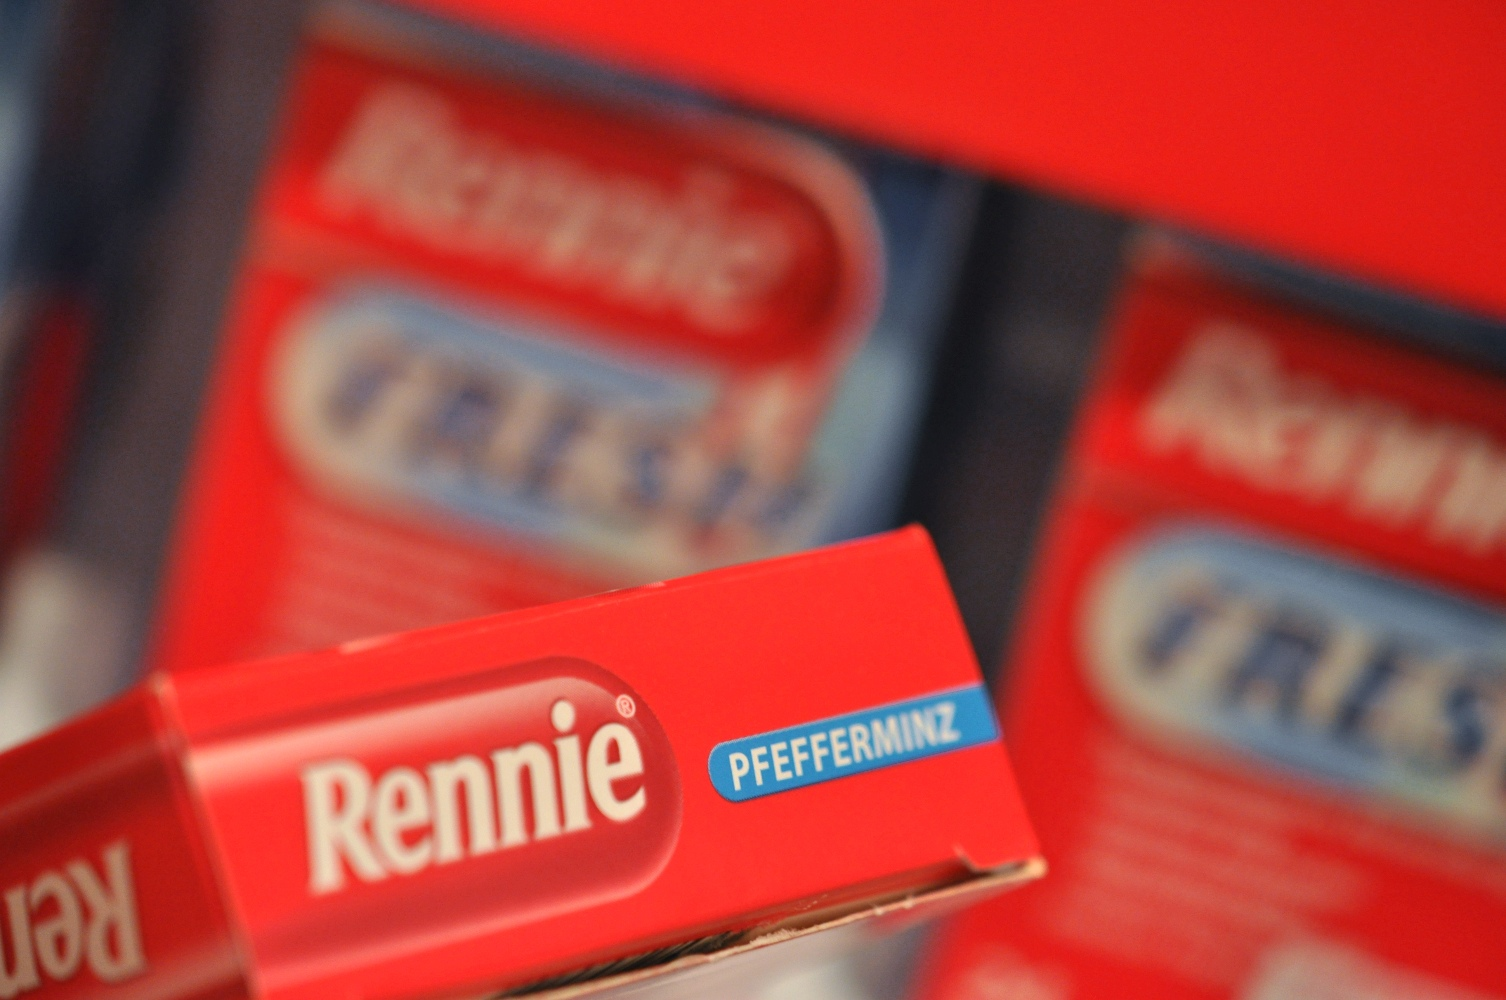 Rennie-Neues-Design-neue-Gr-en